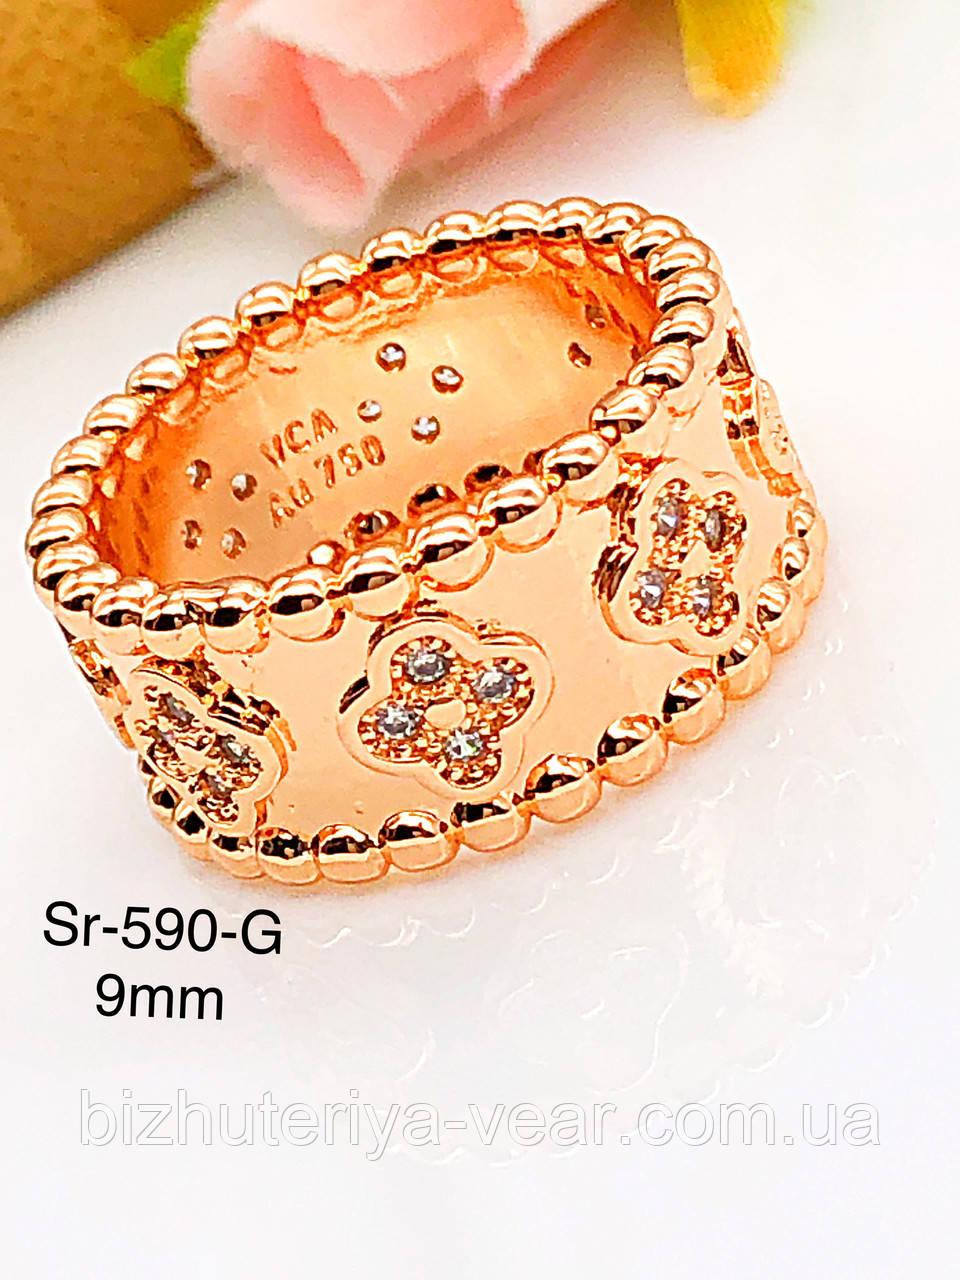 Кольцо Sr-590(7,8,9,10)